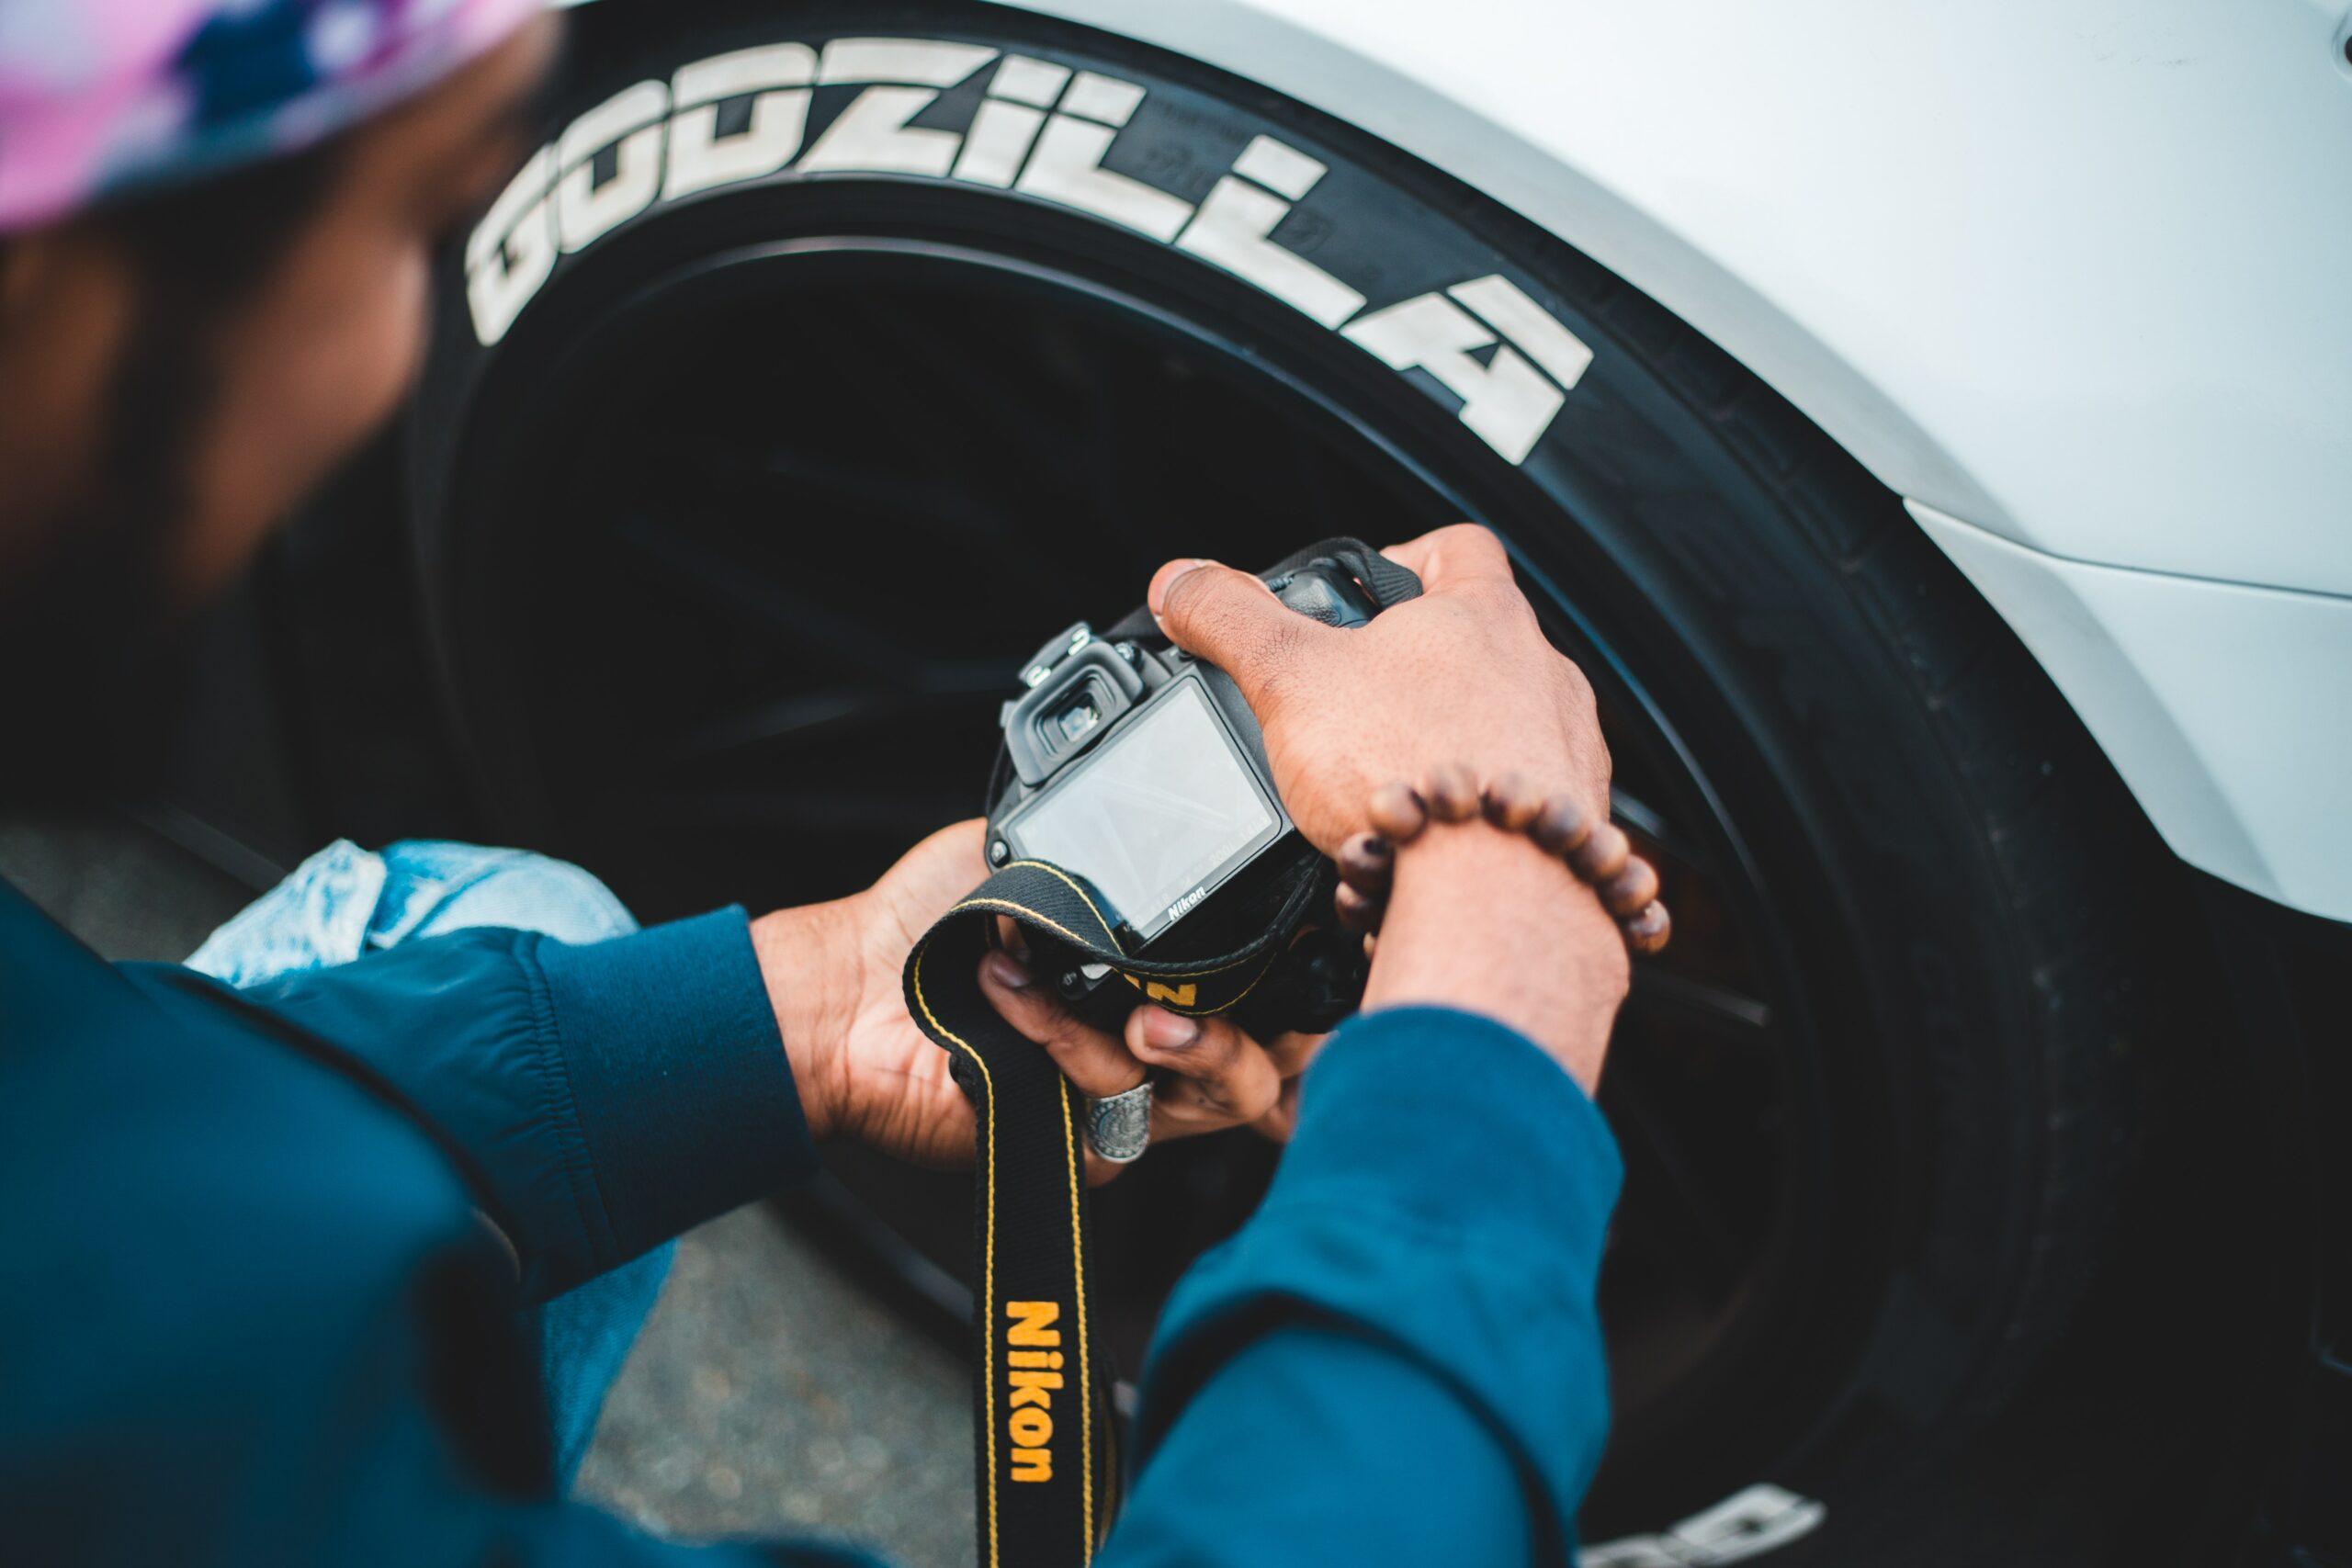 Un homme photographie un pneu monté Godzilla. Contrôler l'usure des pneus est fondamental.